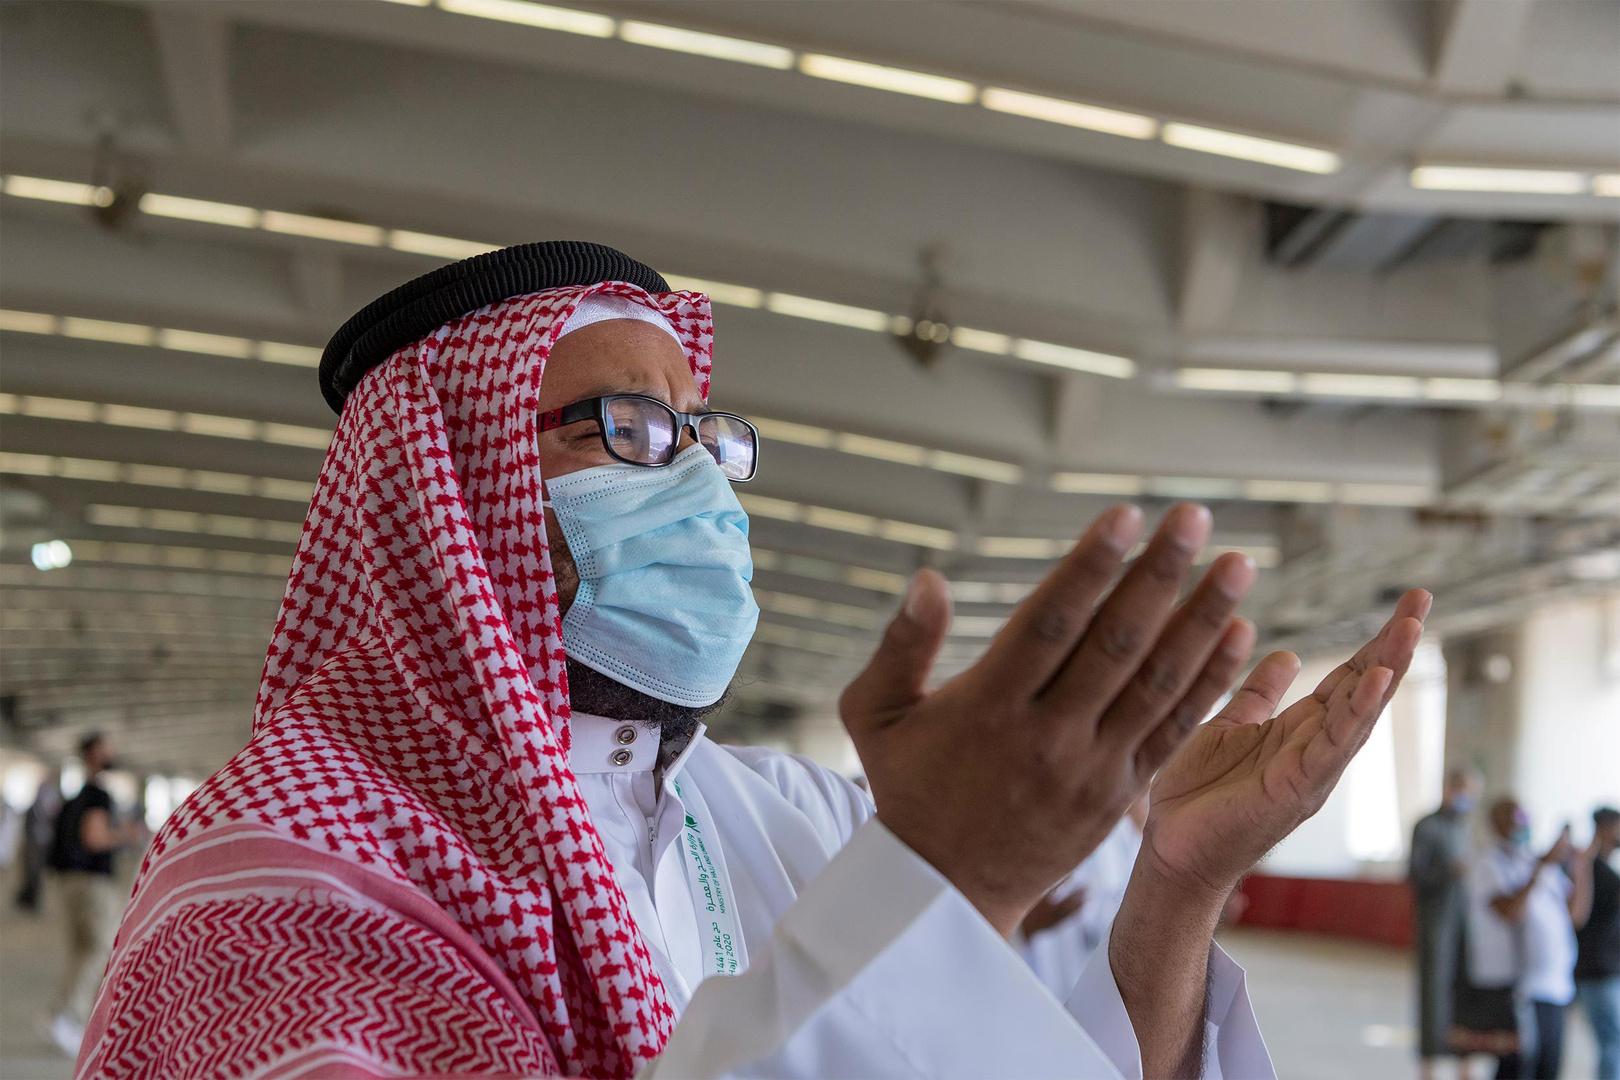 السعودية تسجل 5 وفيات و382 إصابة بكورونا خلال 24 ساعة